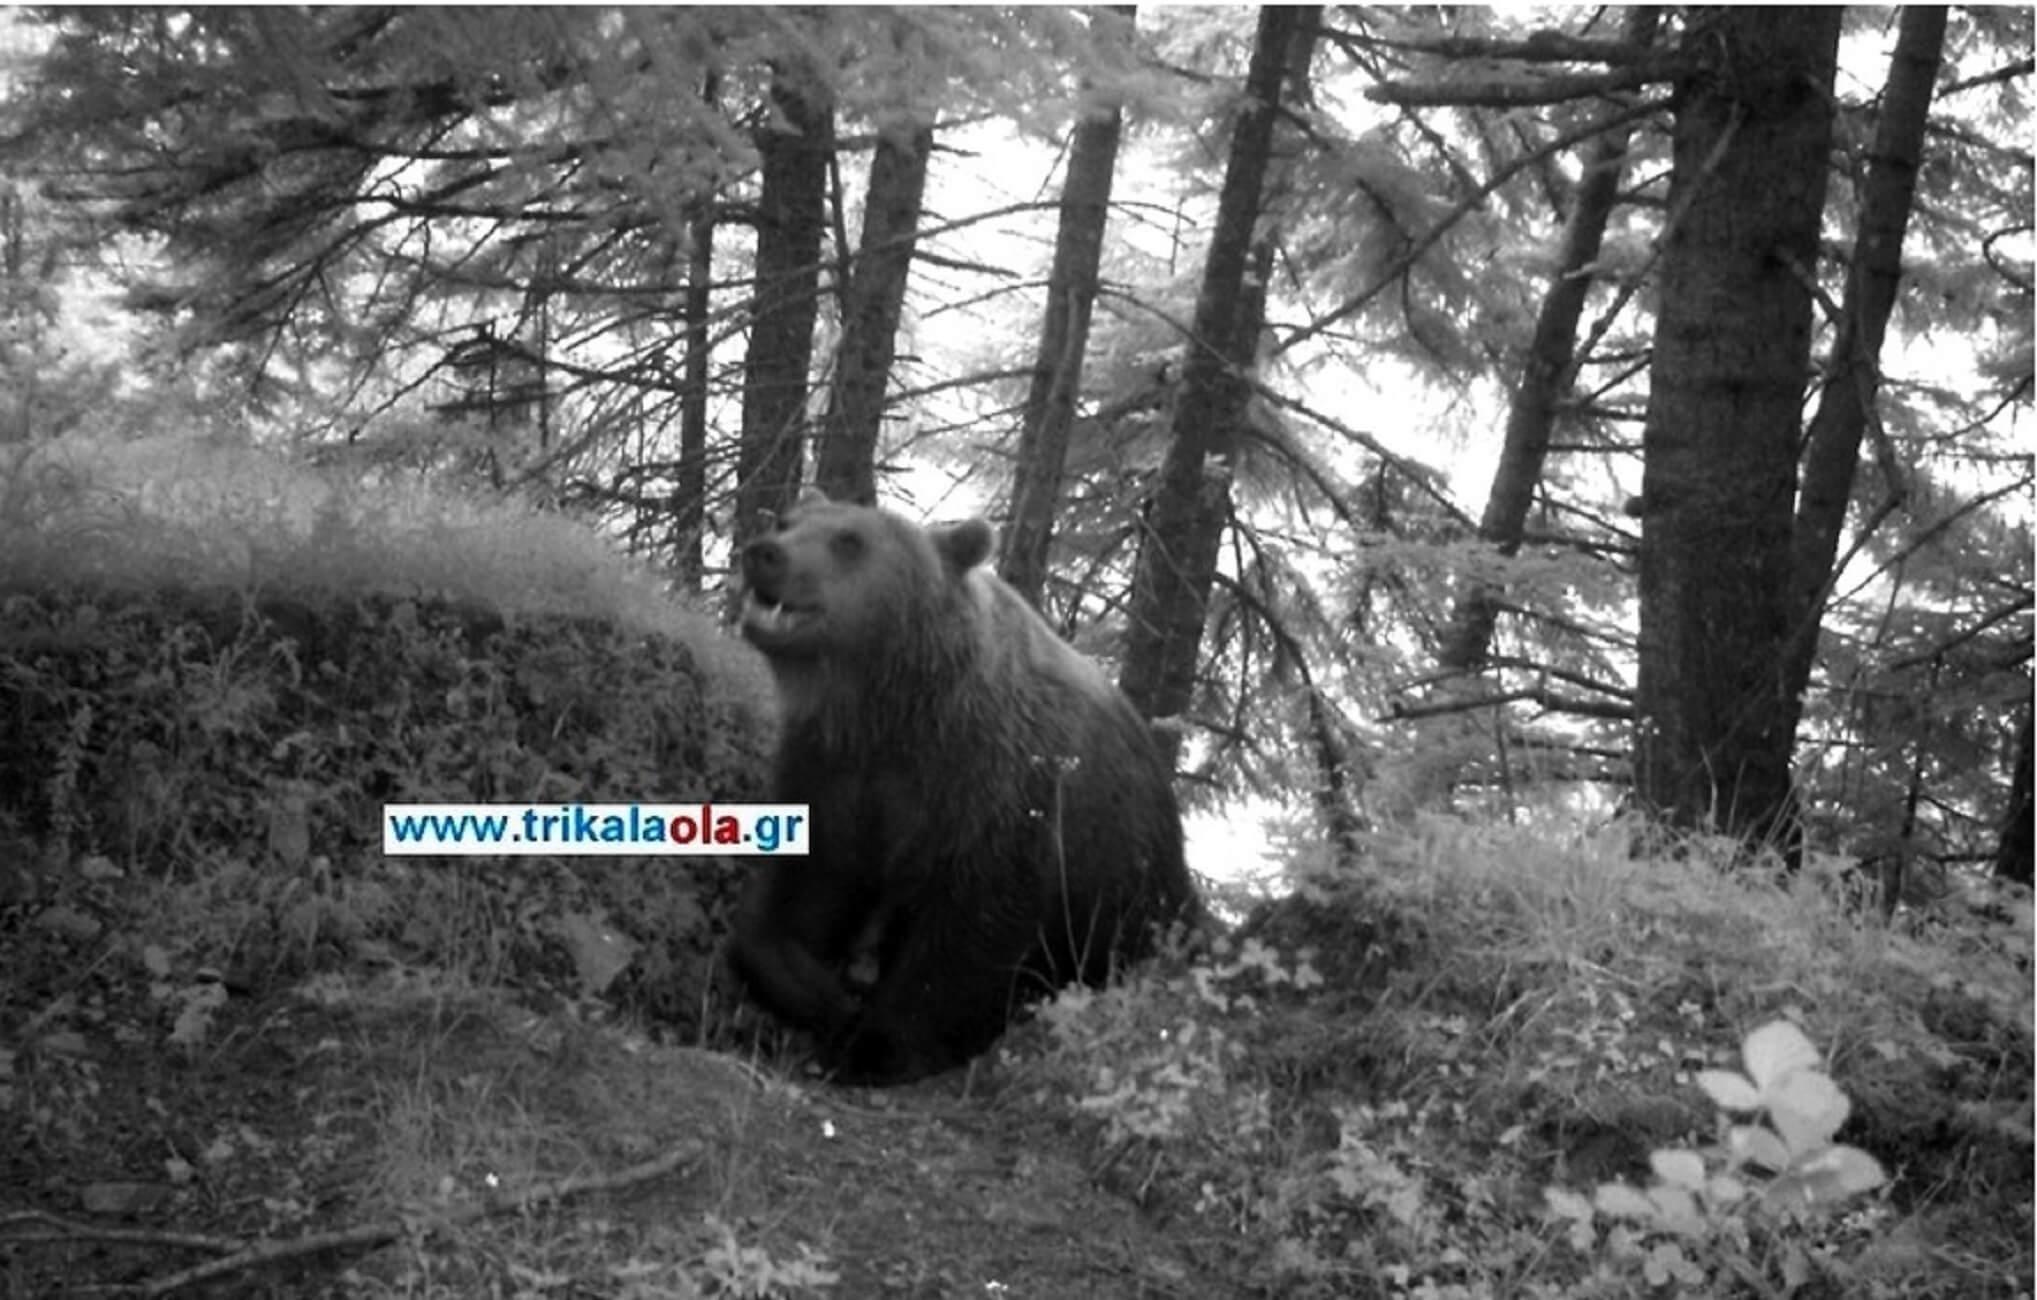 Η αρκούδα στο Νεραϊδοχώρι Τρικάλων